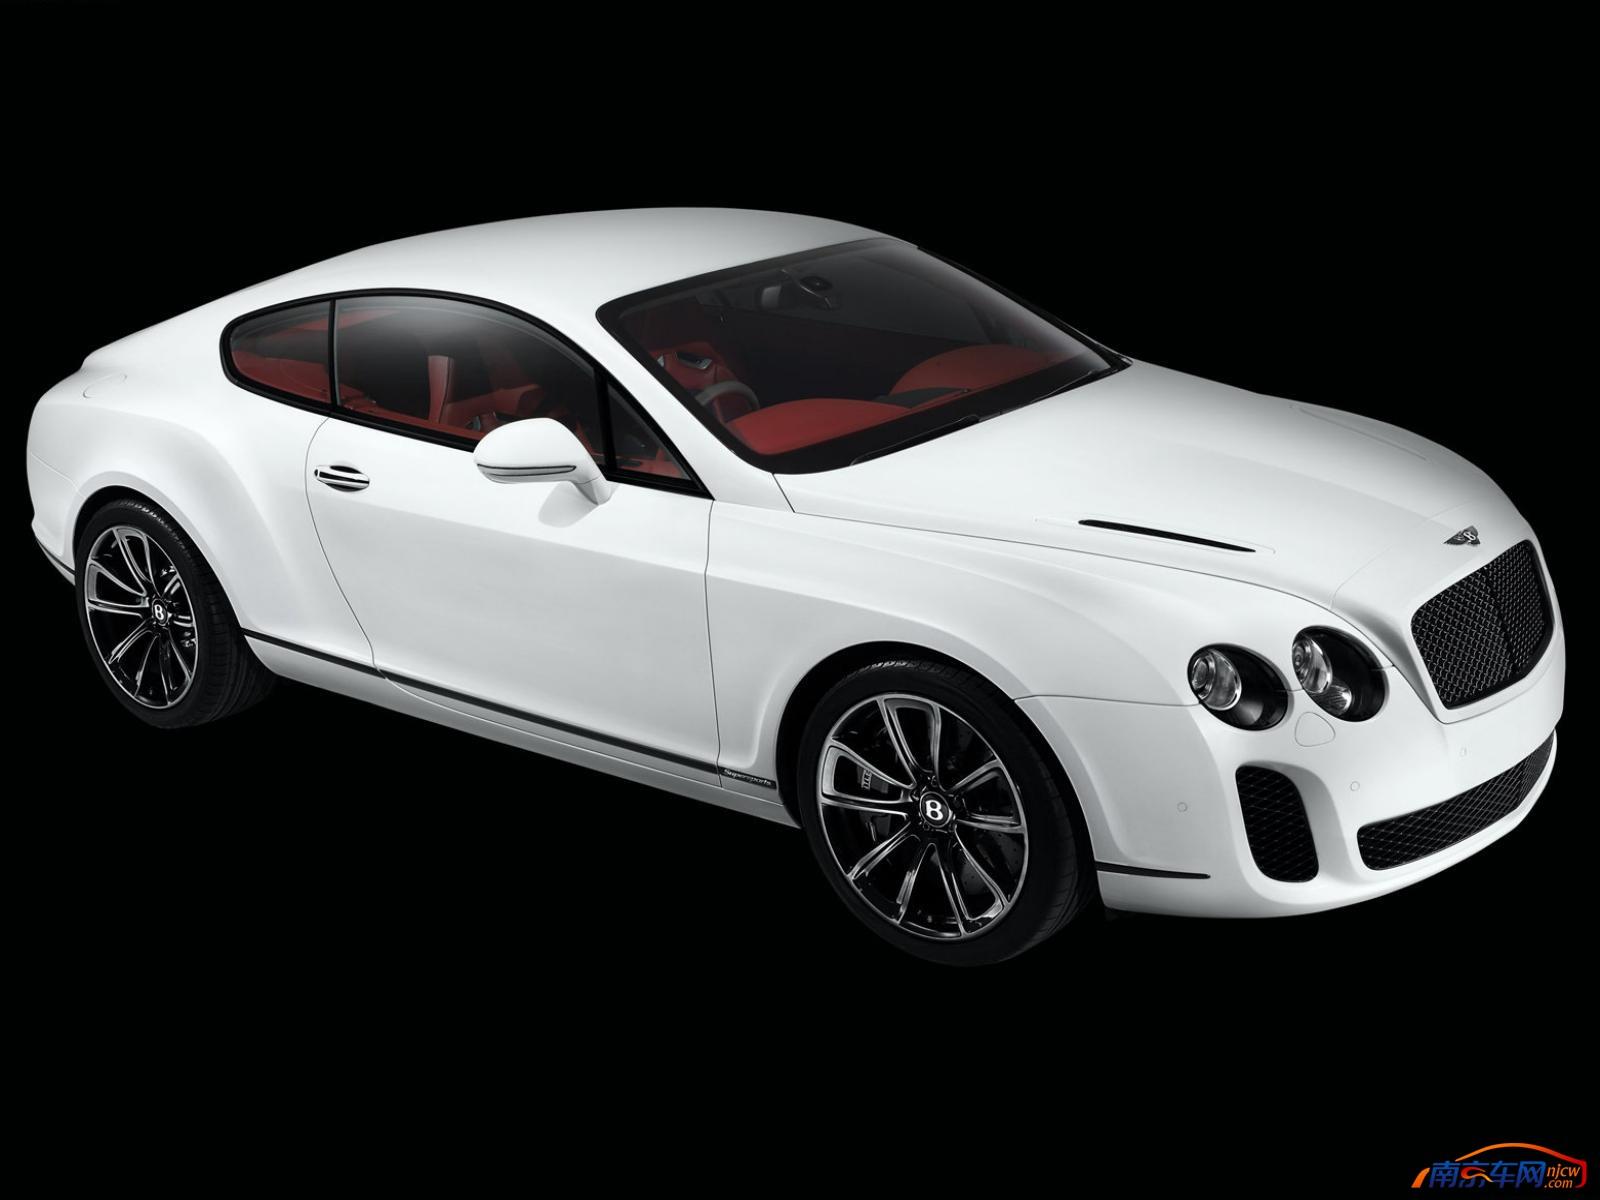 宾利欧陆supersports 10款首发新车亮相日内瓦 新